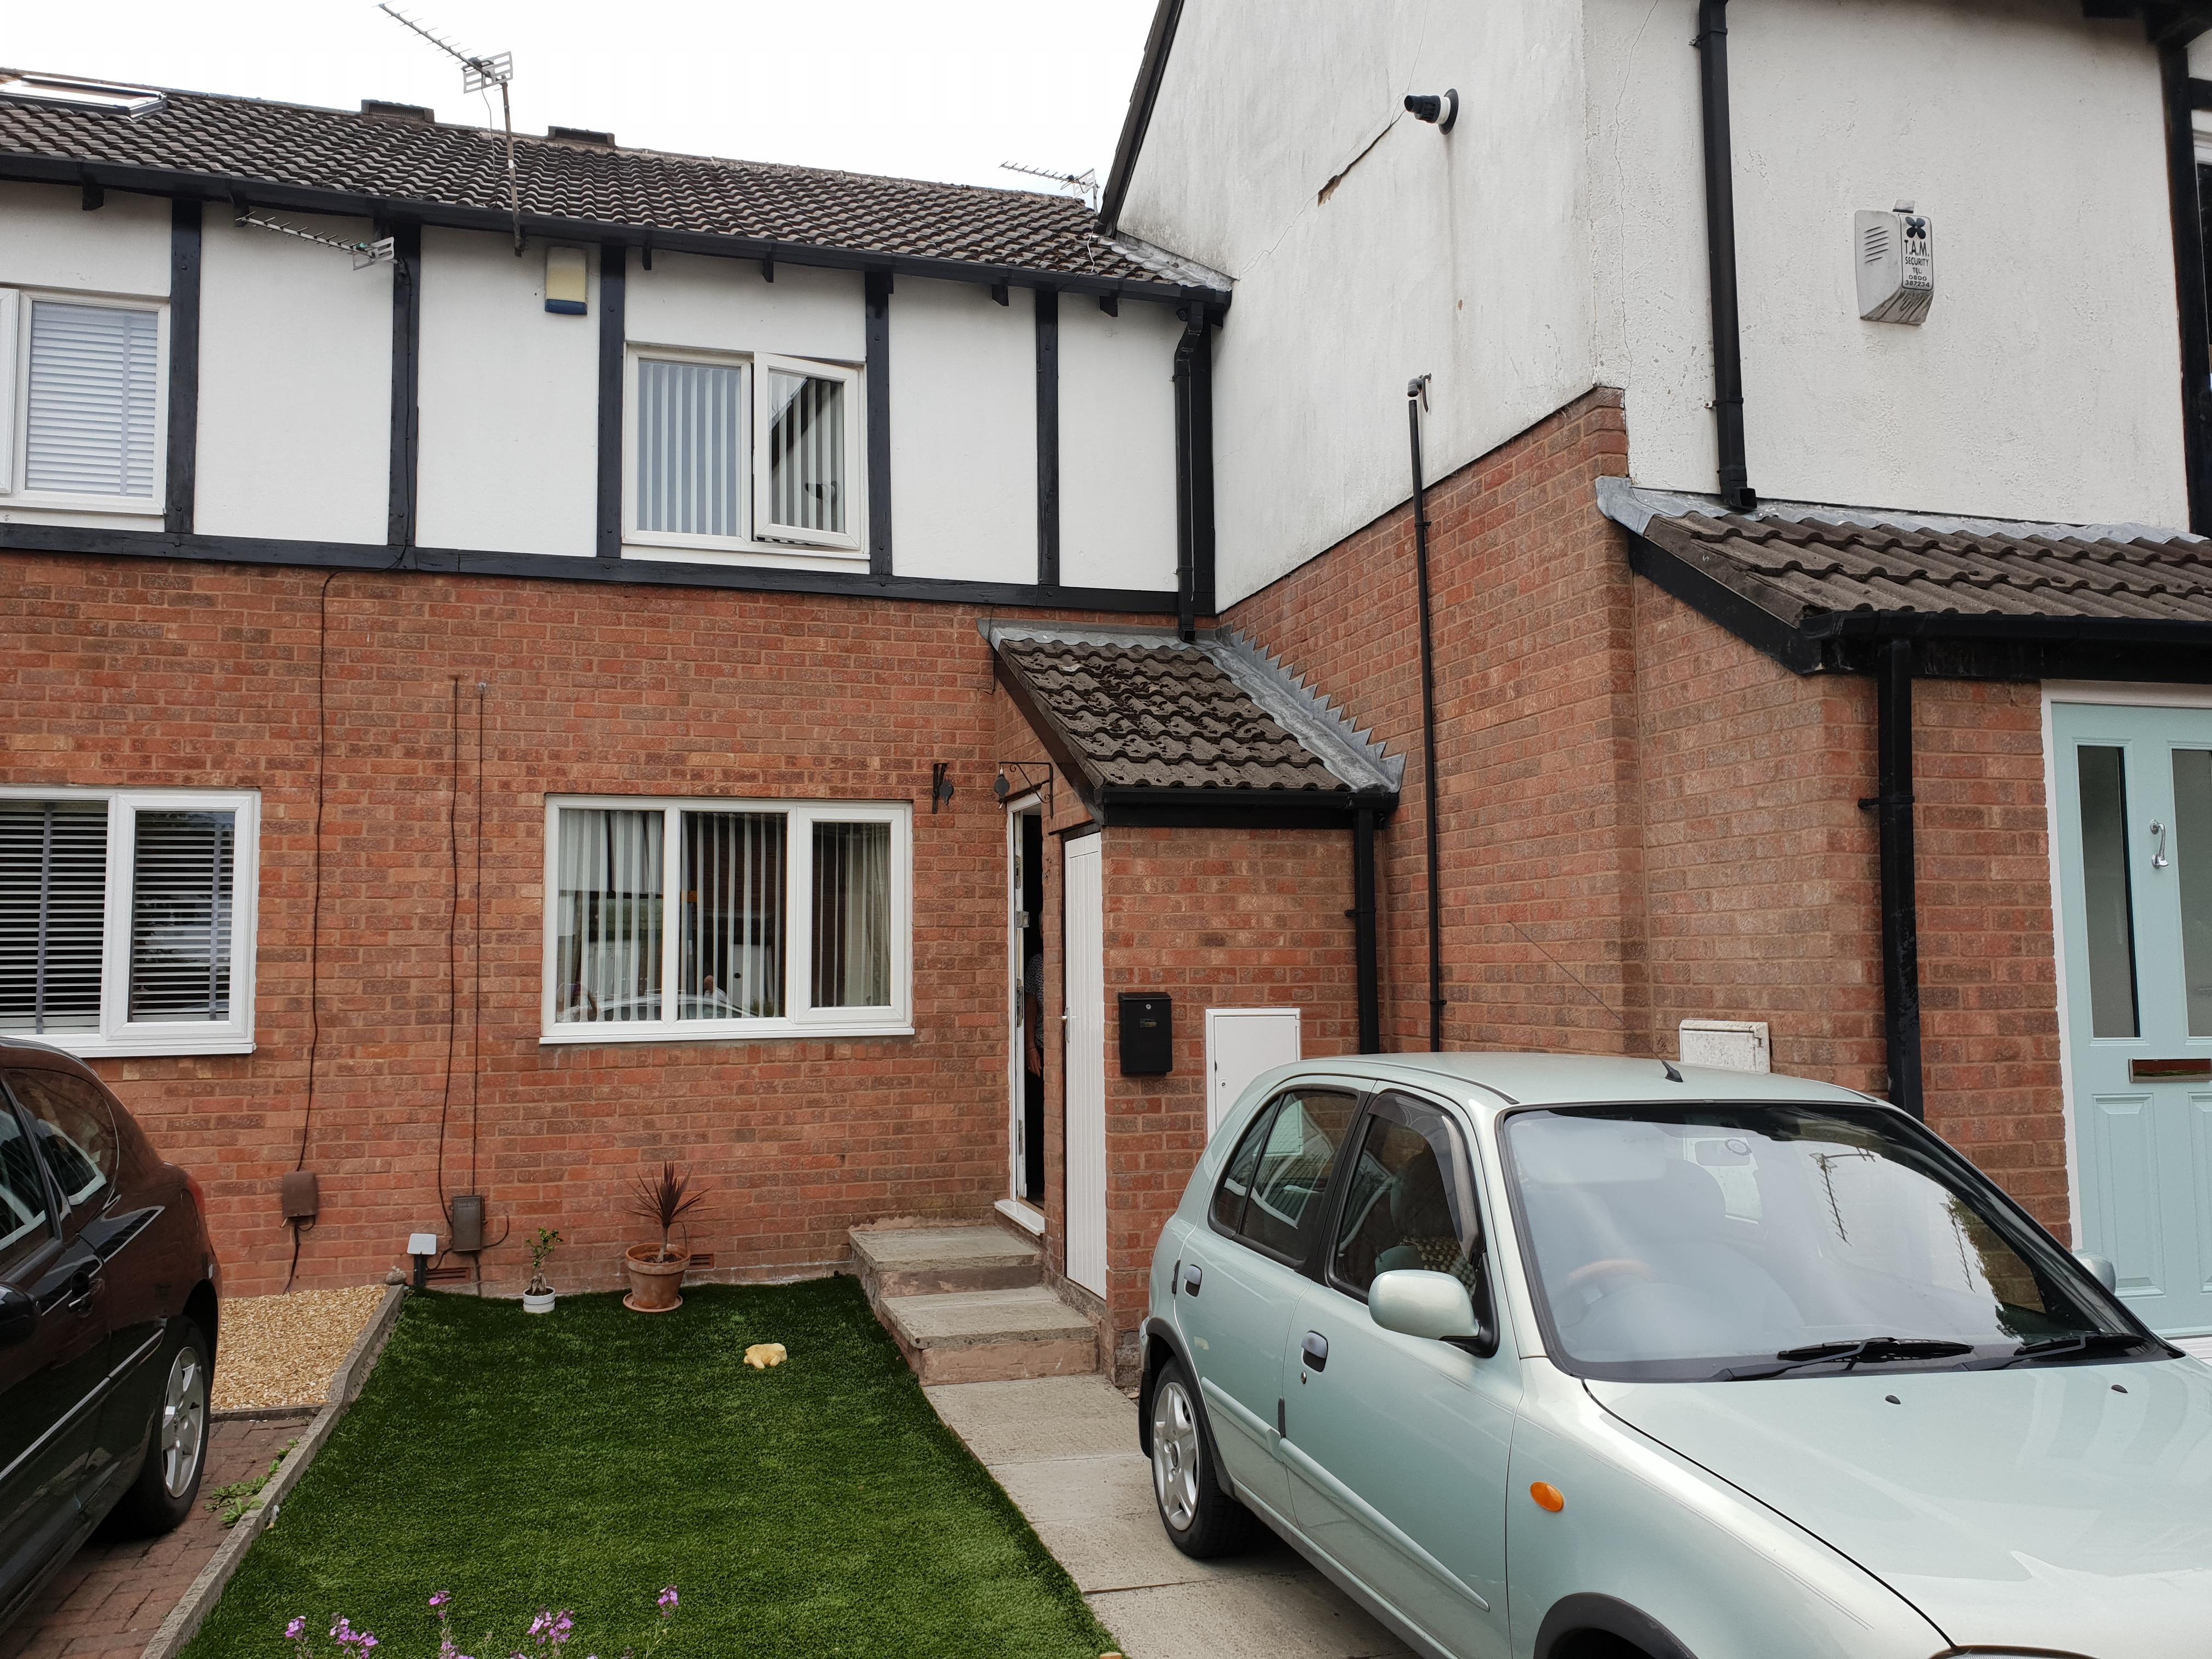 Annisdale Close, Winton